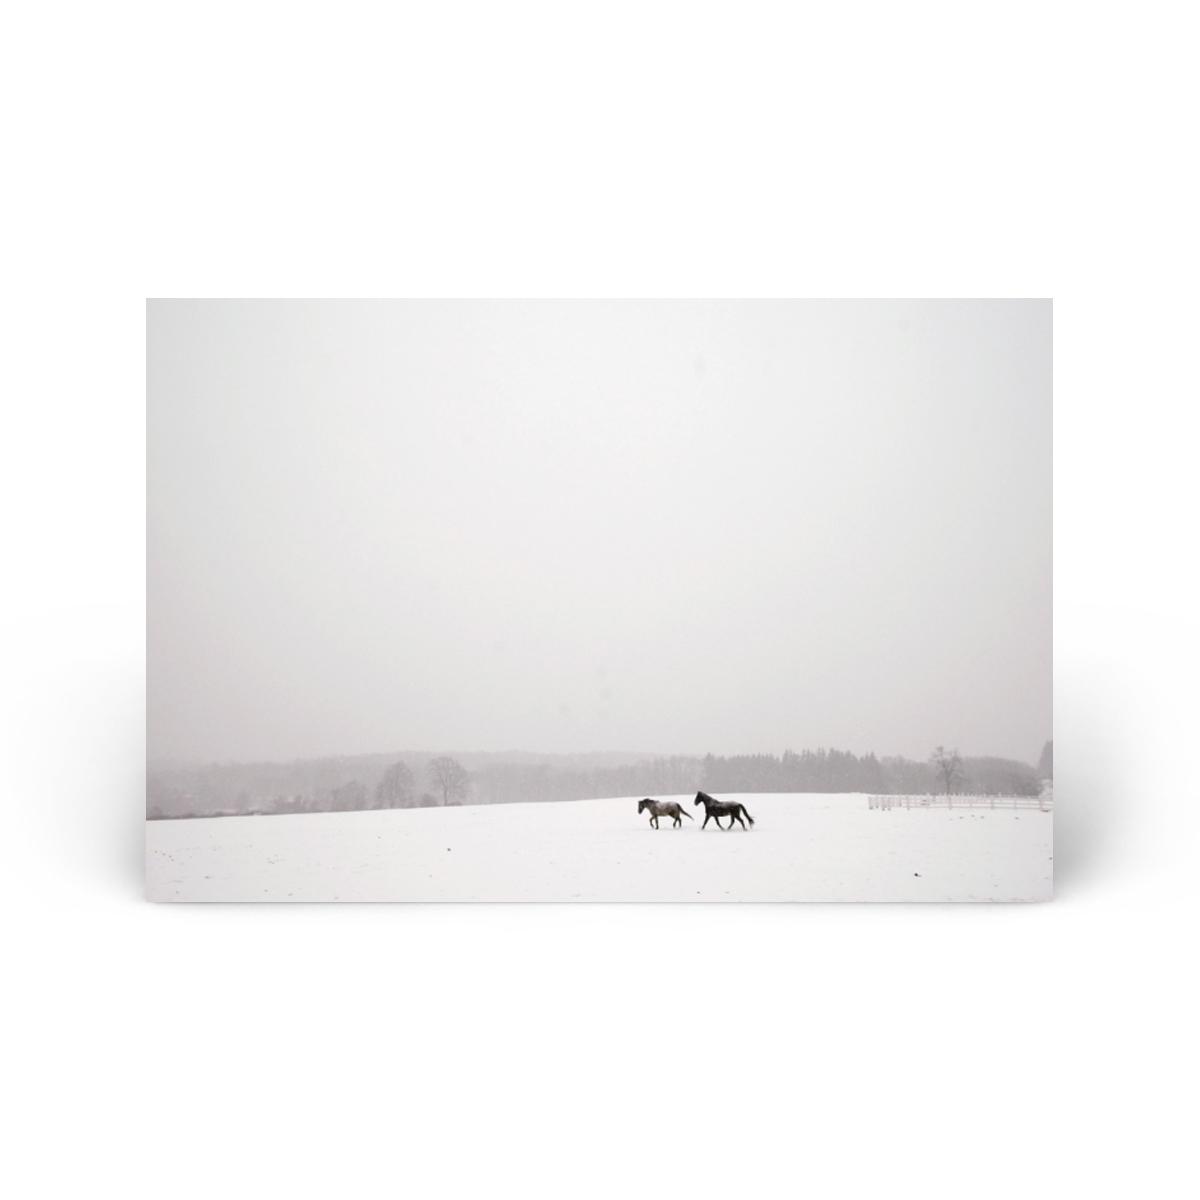 Animals & Wildlife: Snow Horses